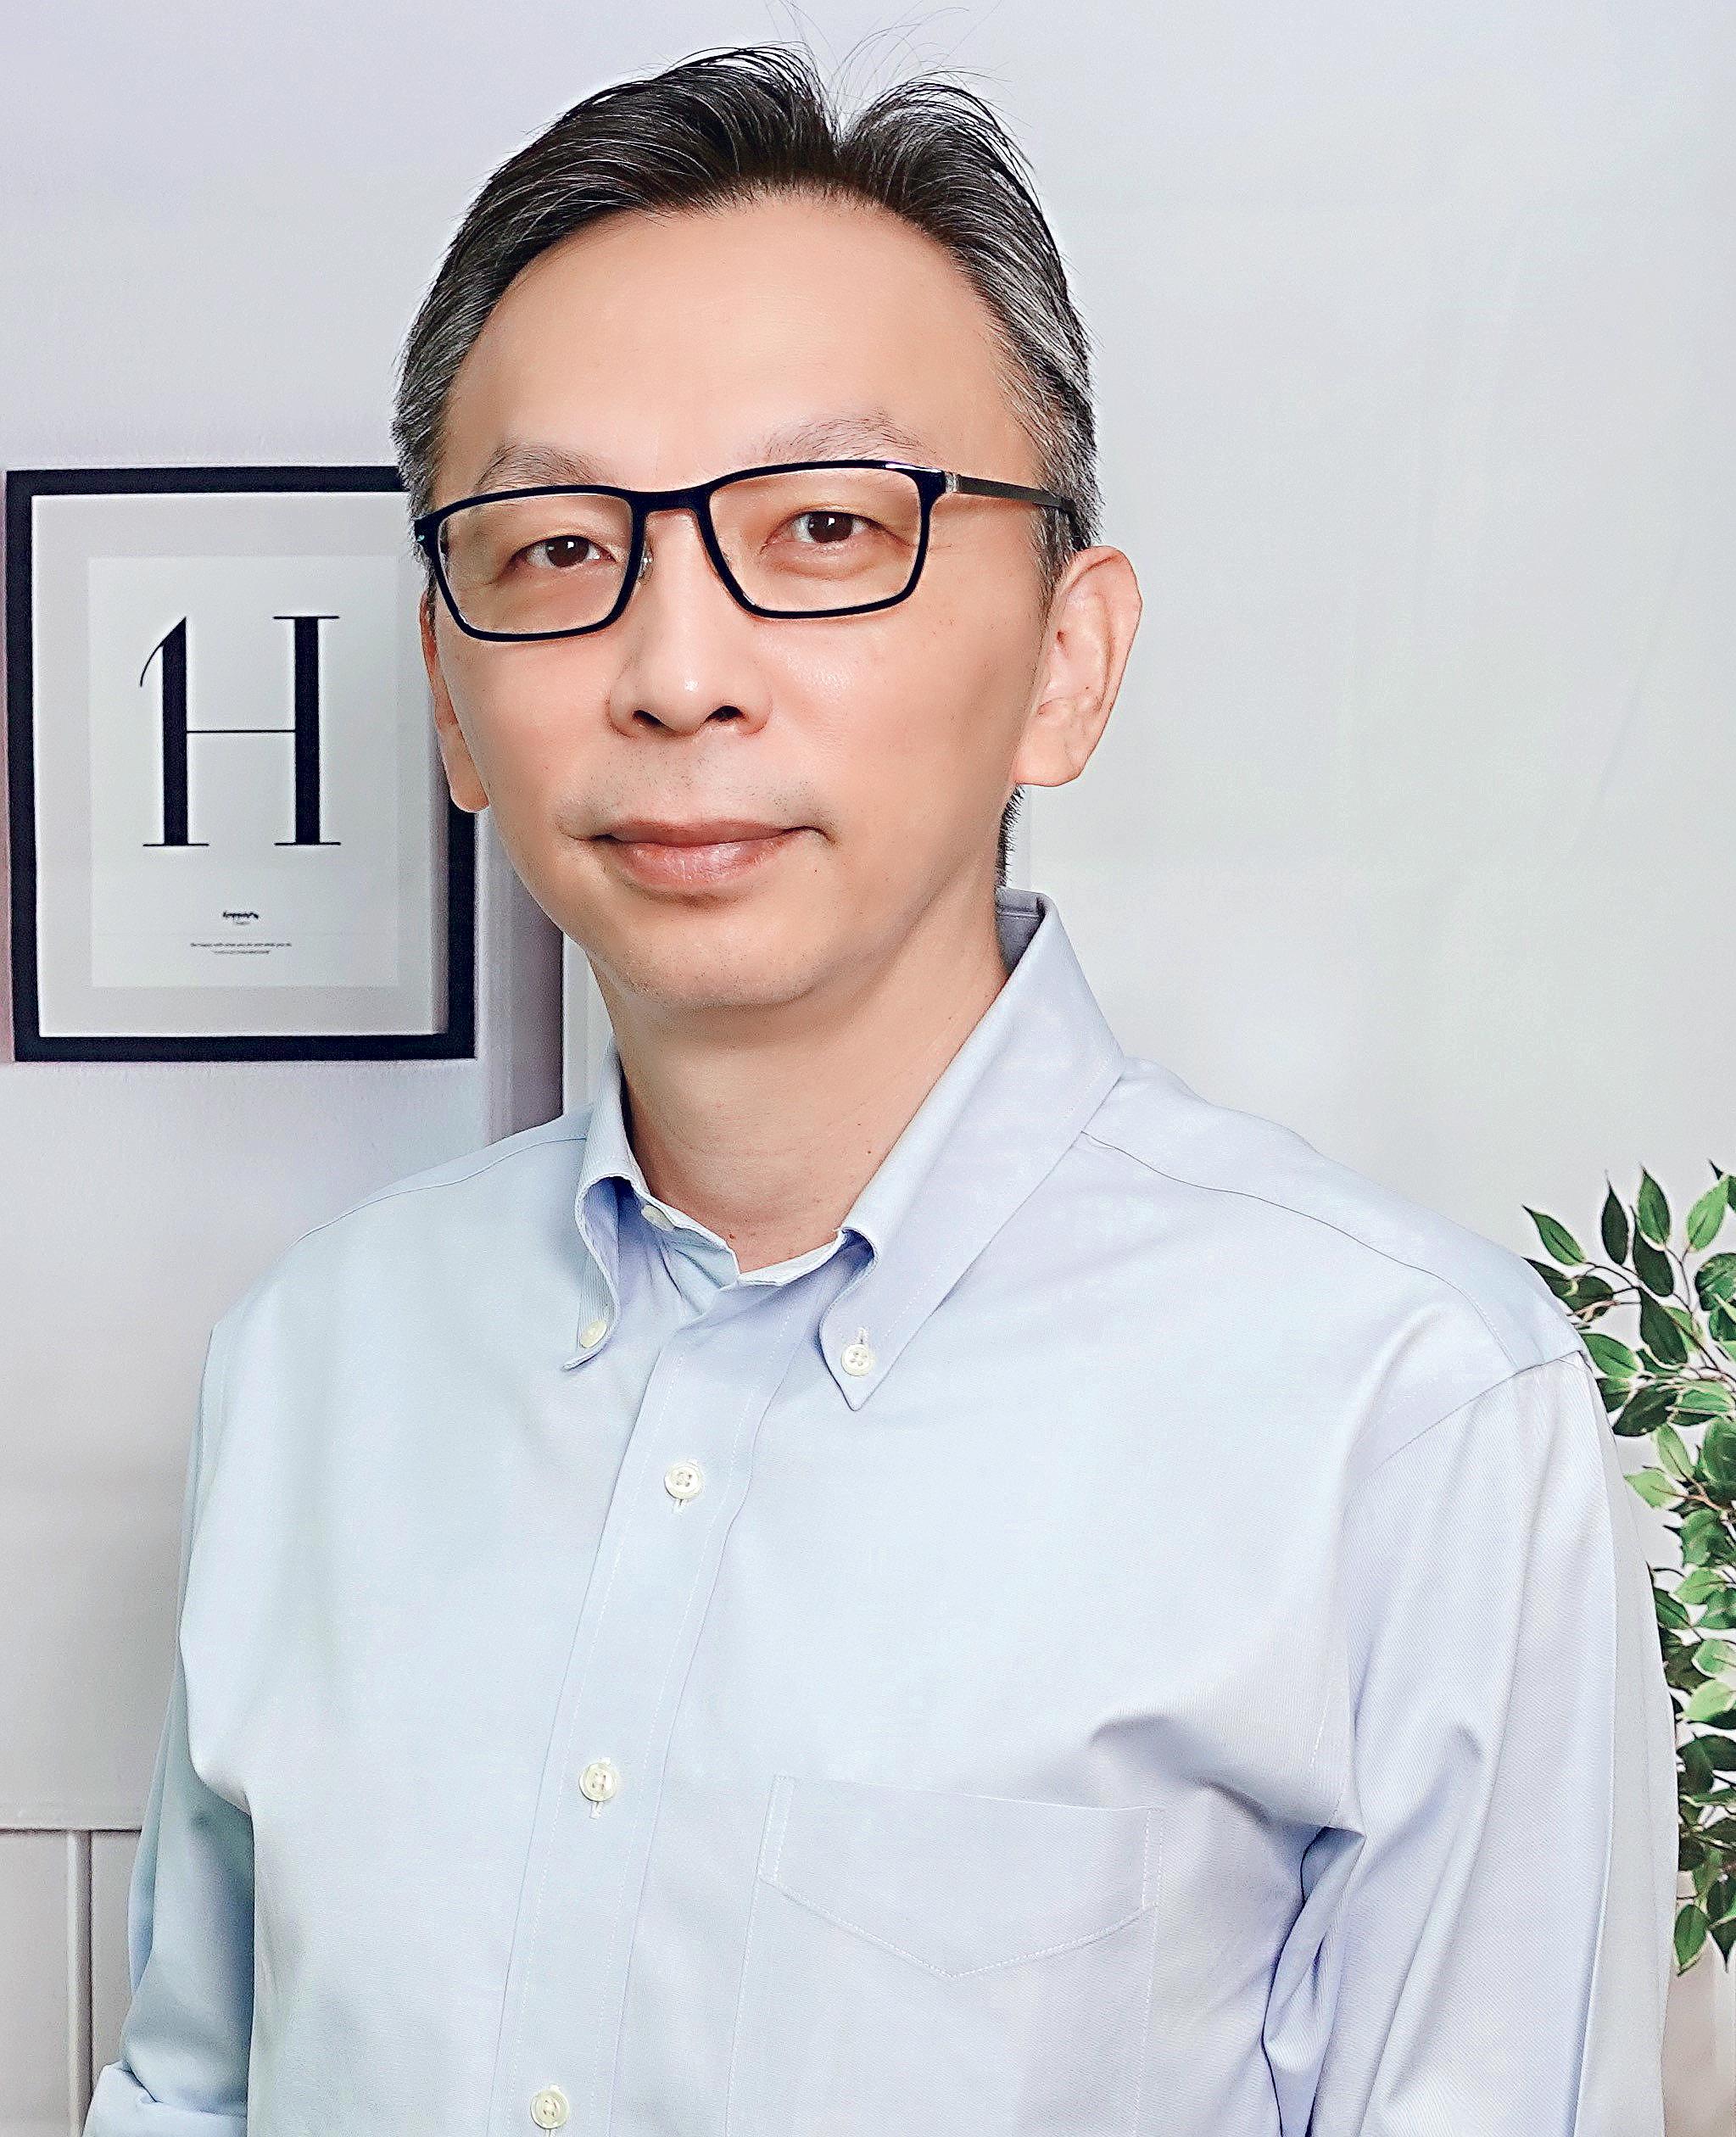 香港特許金融分析師學會(CFA Society Hong Kong)副會長及學會秘書何敏(Alvin)